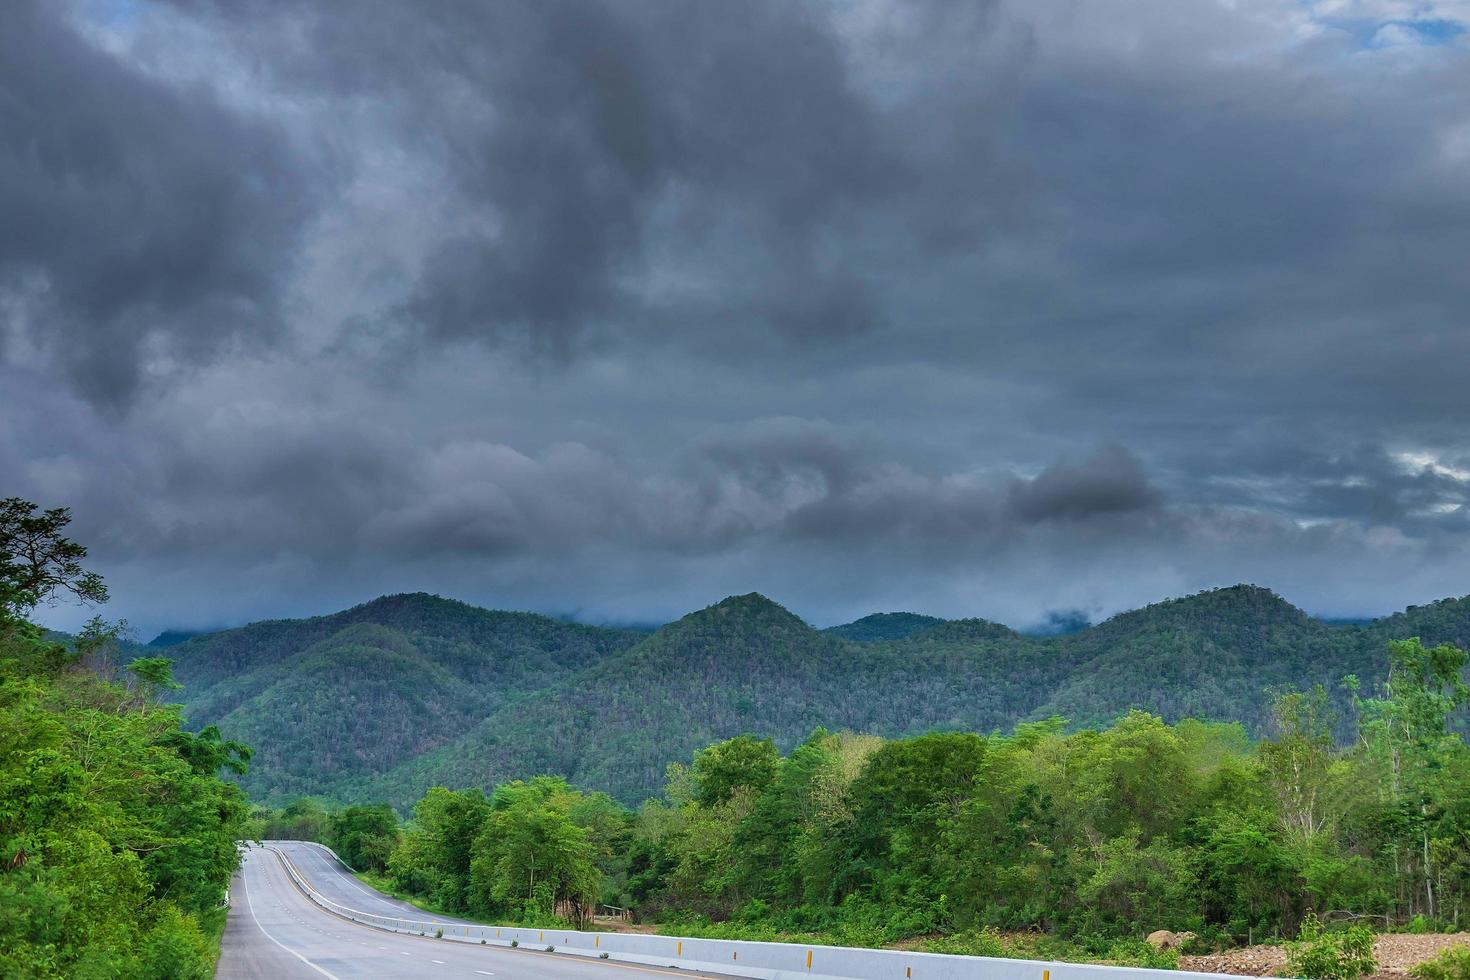 pioggia battente e nuvole sulle montagne foto